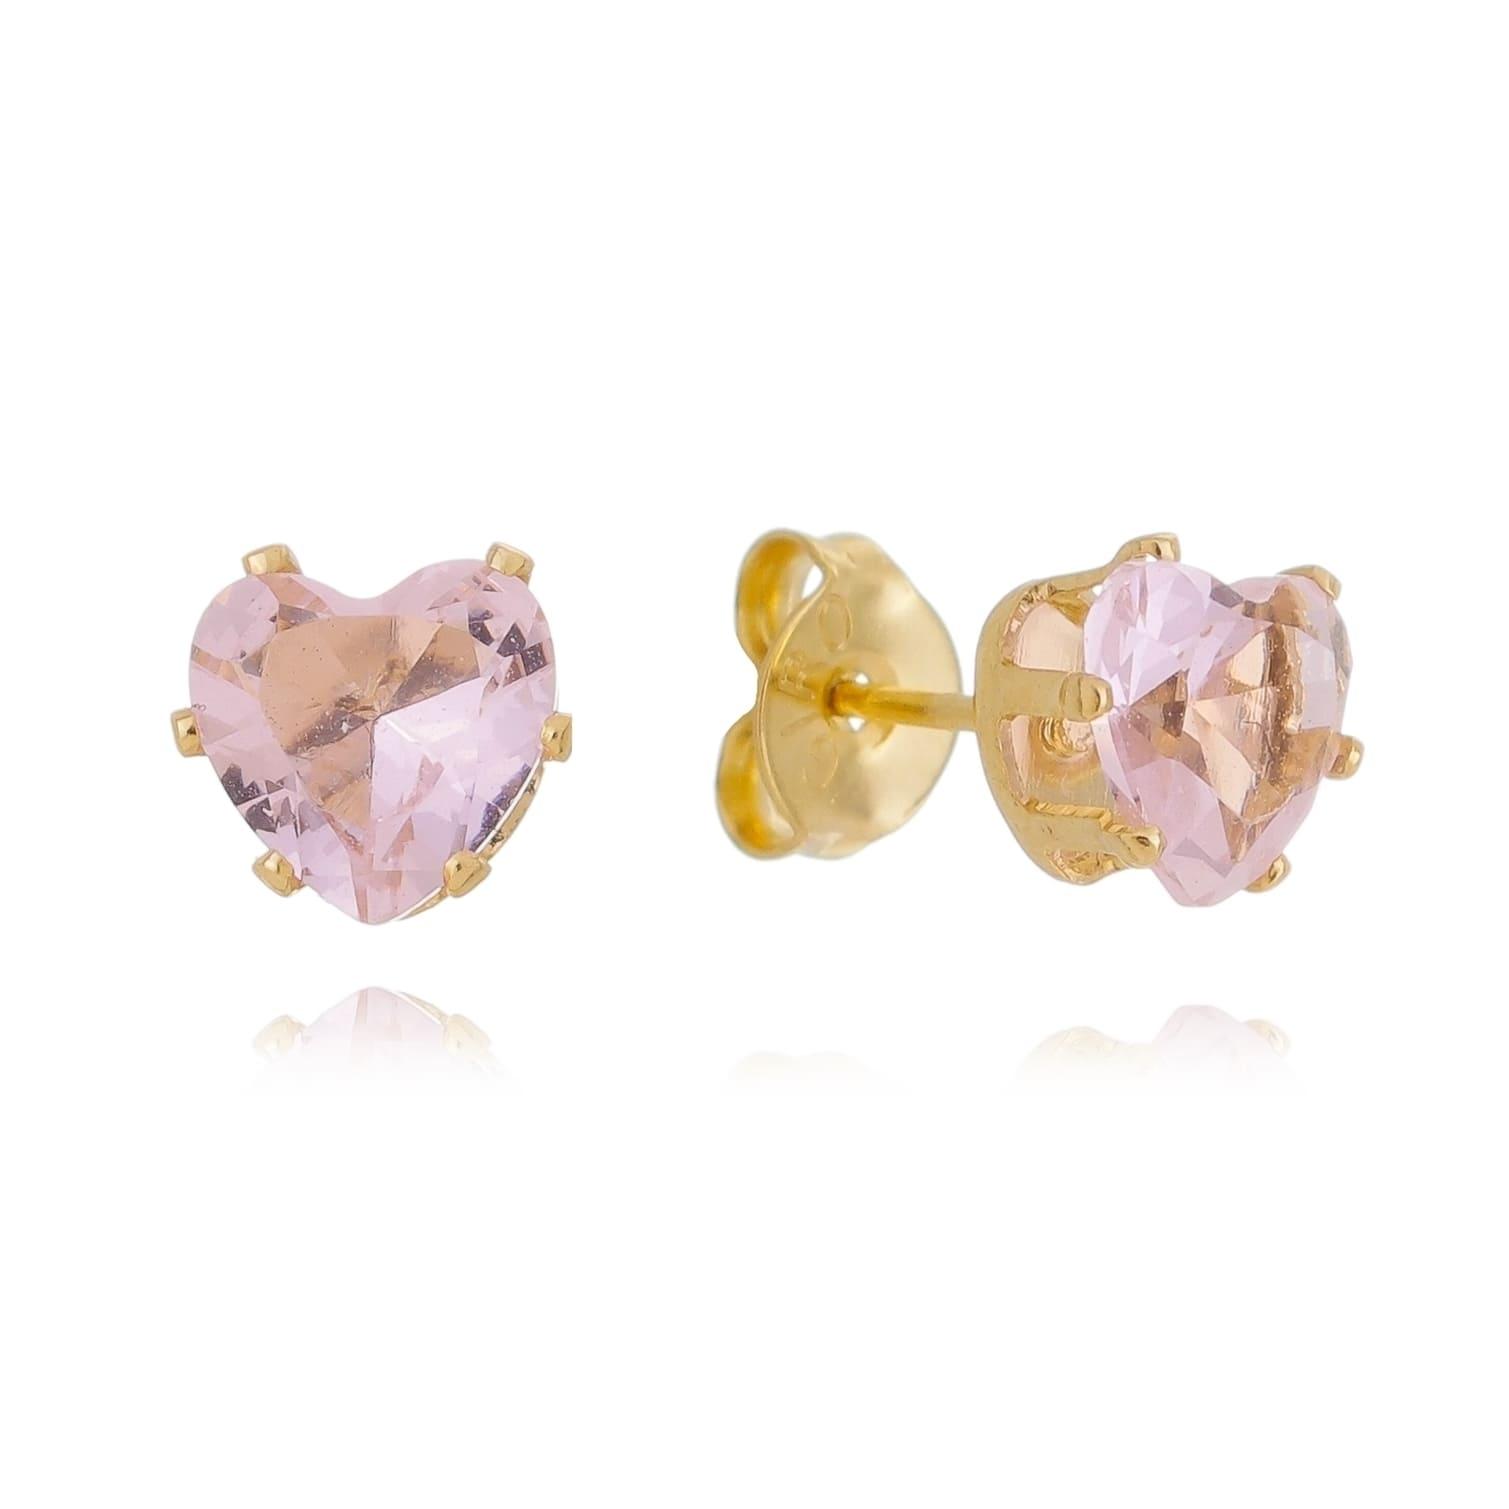 Brinco Coração em Zircônia Rosa Folheado em Ouro 18k - Giro Semijoias